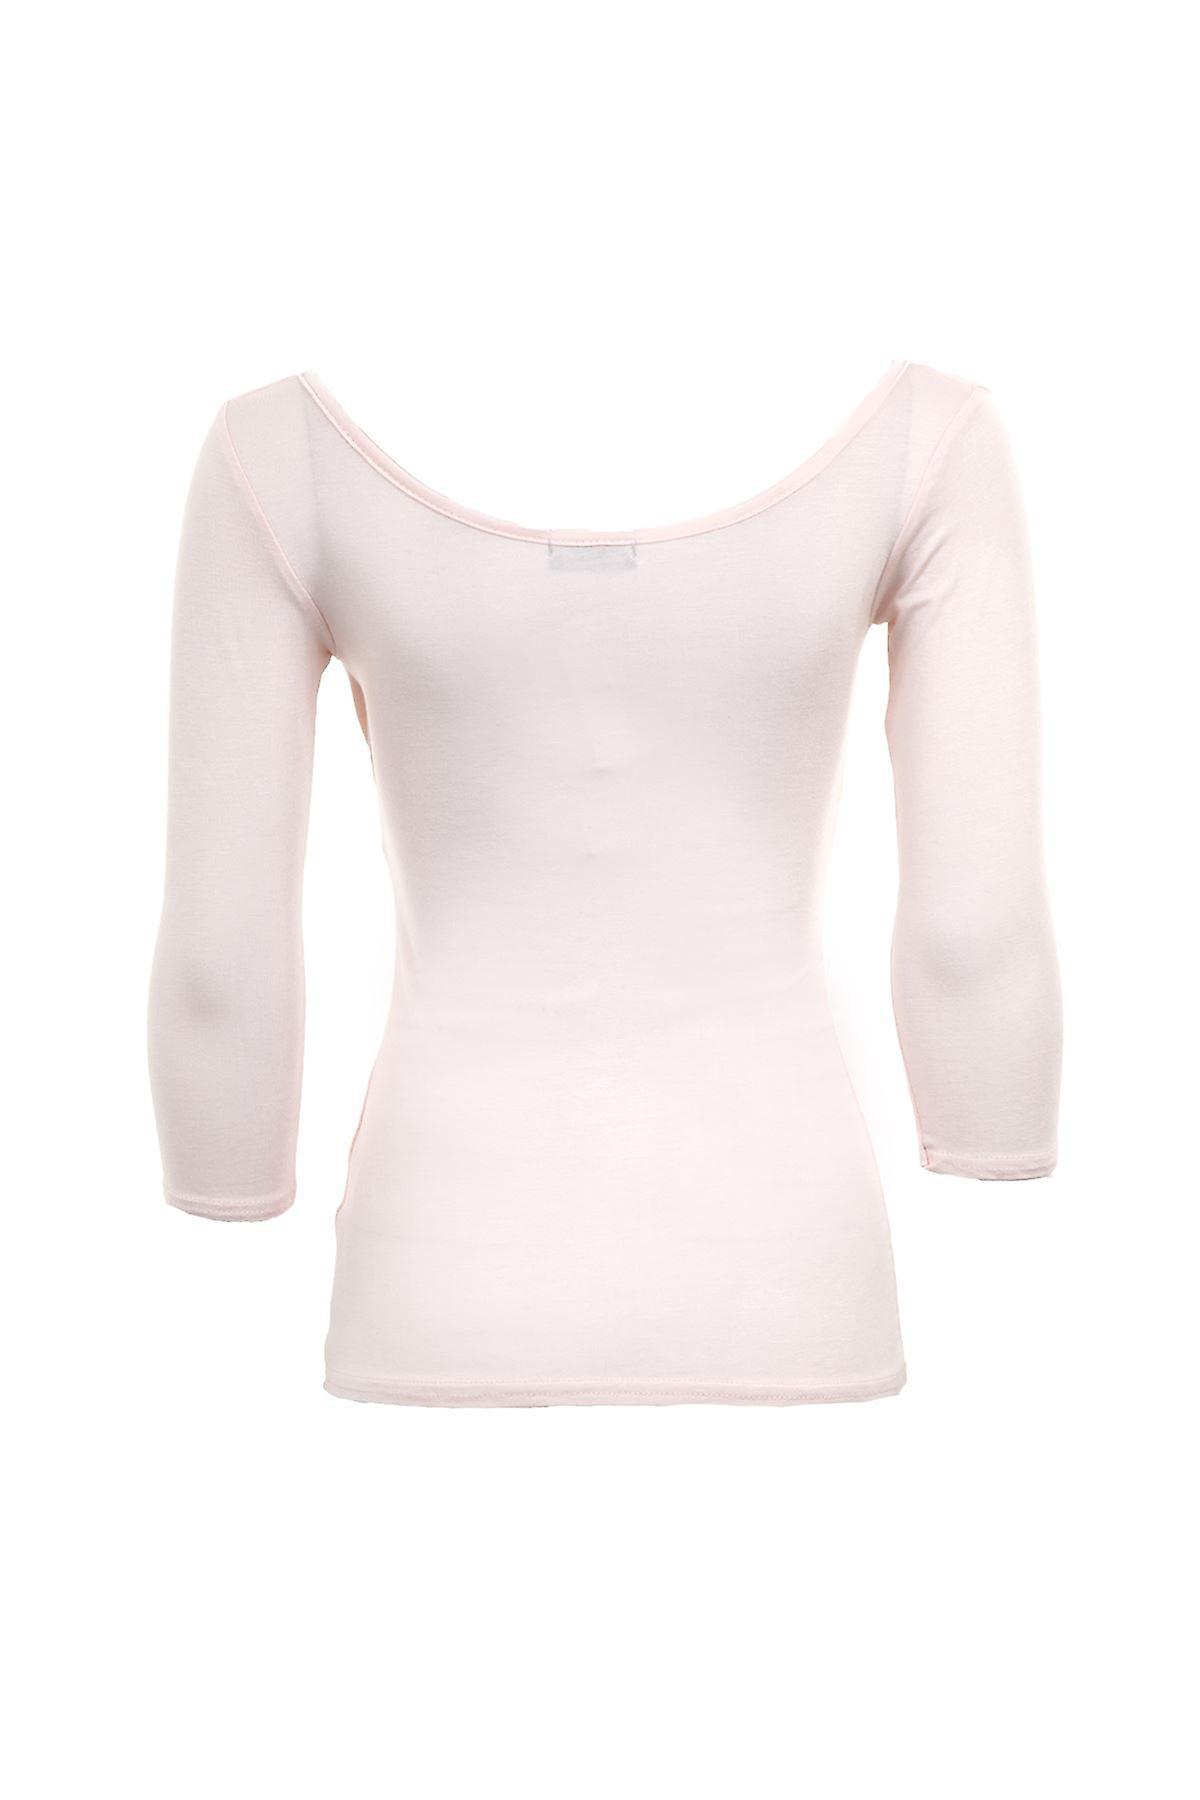 Uusi naisten 3/4 hihat V riimu kaulan kerännyt naisten pusero toppi